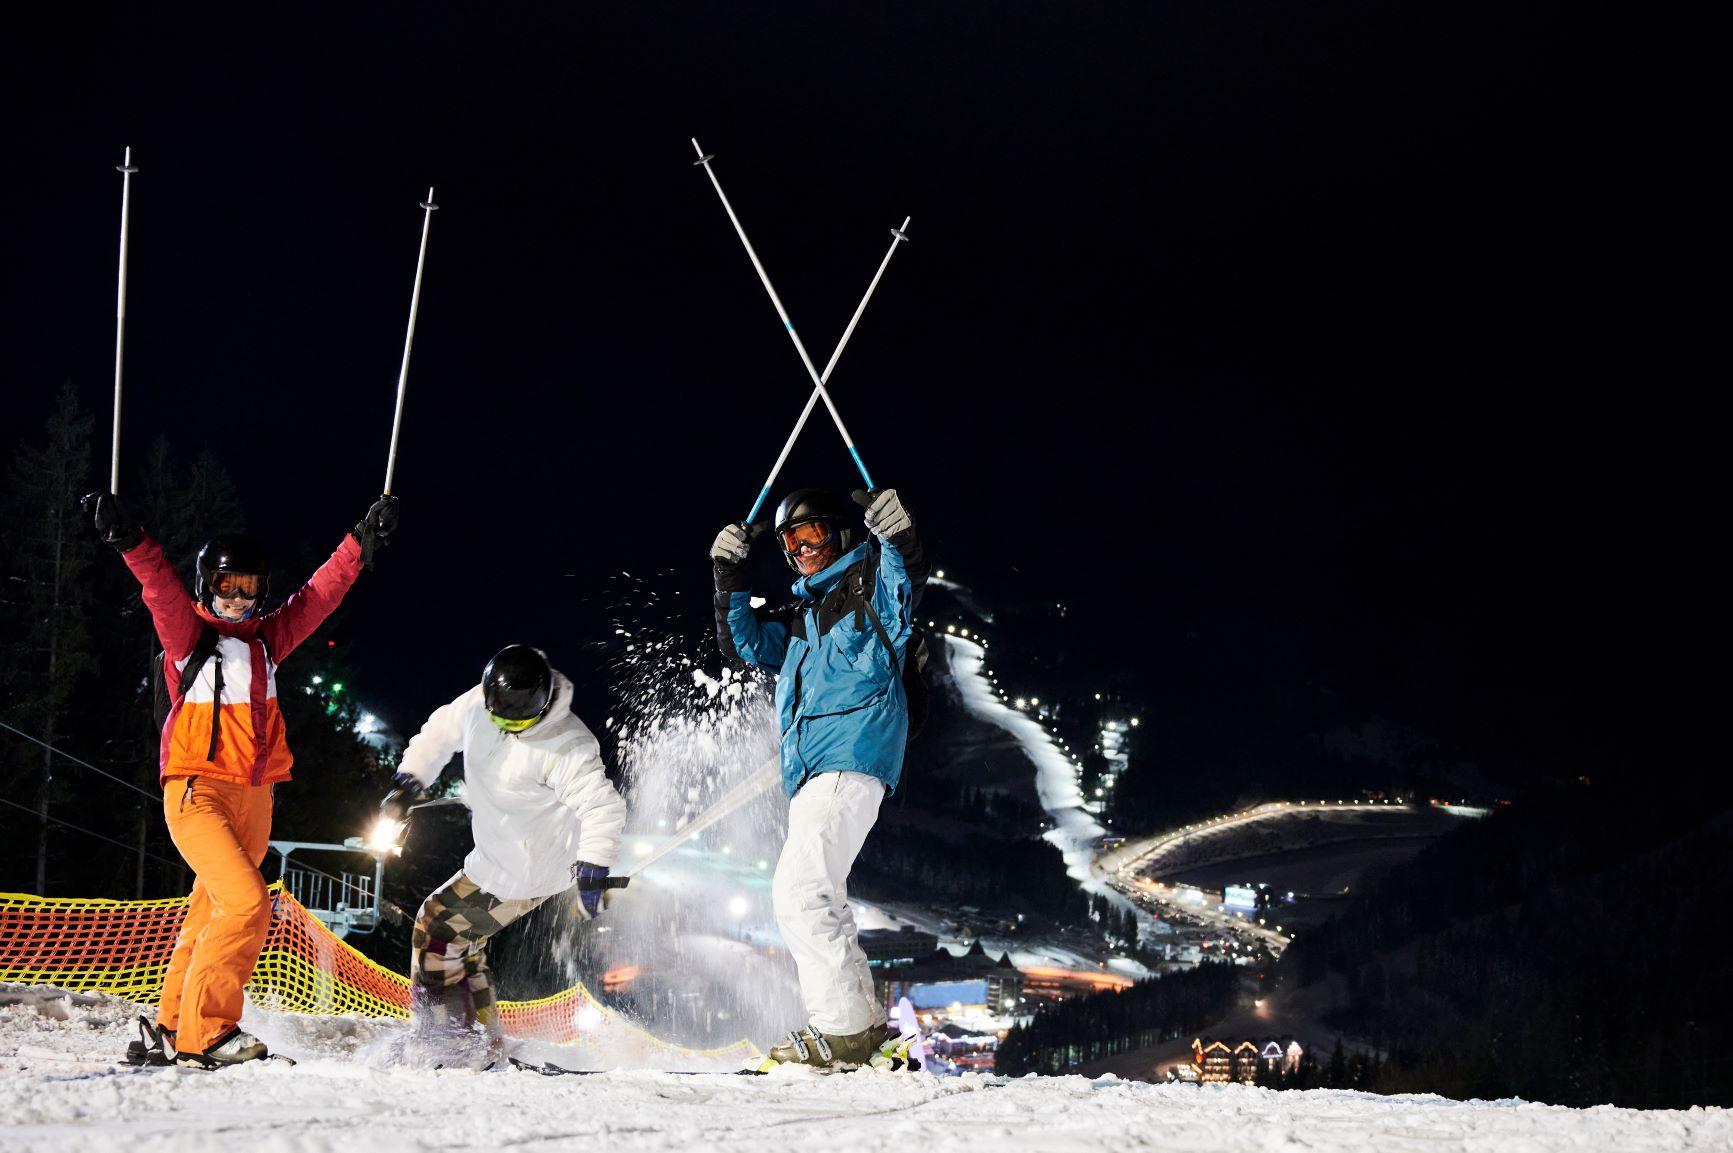 Esquí nocturno en los Alpes.